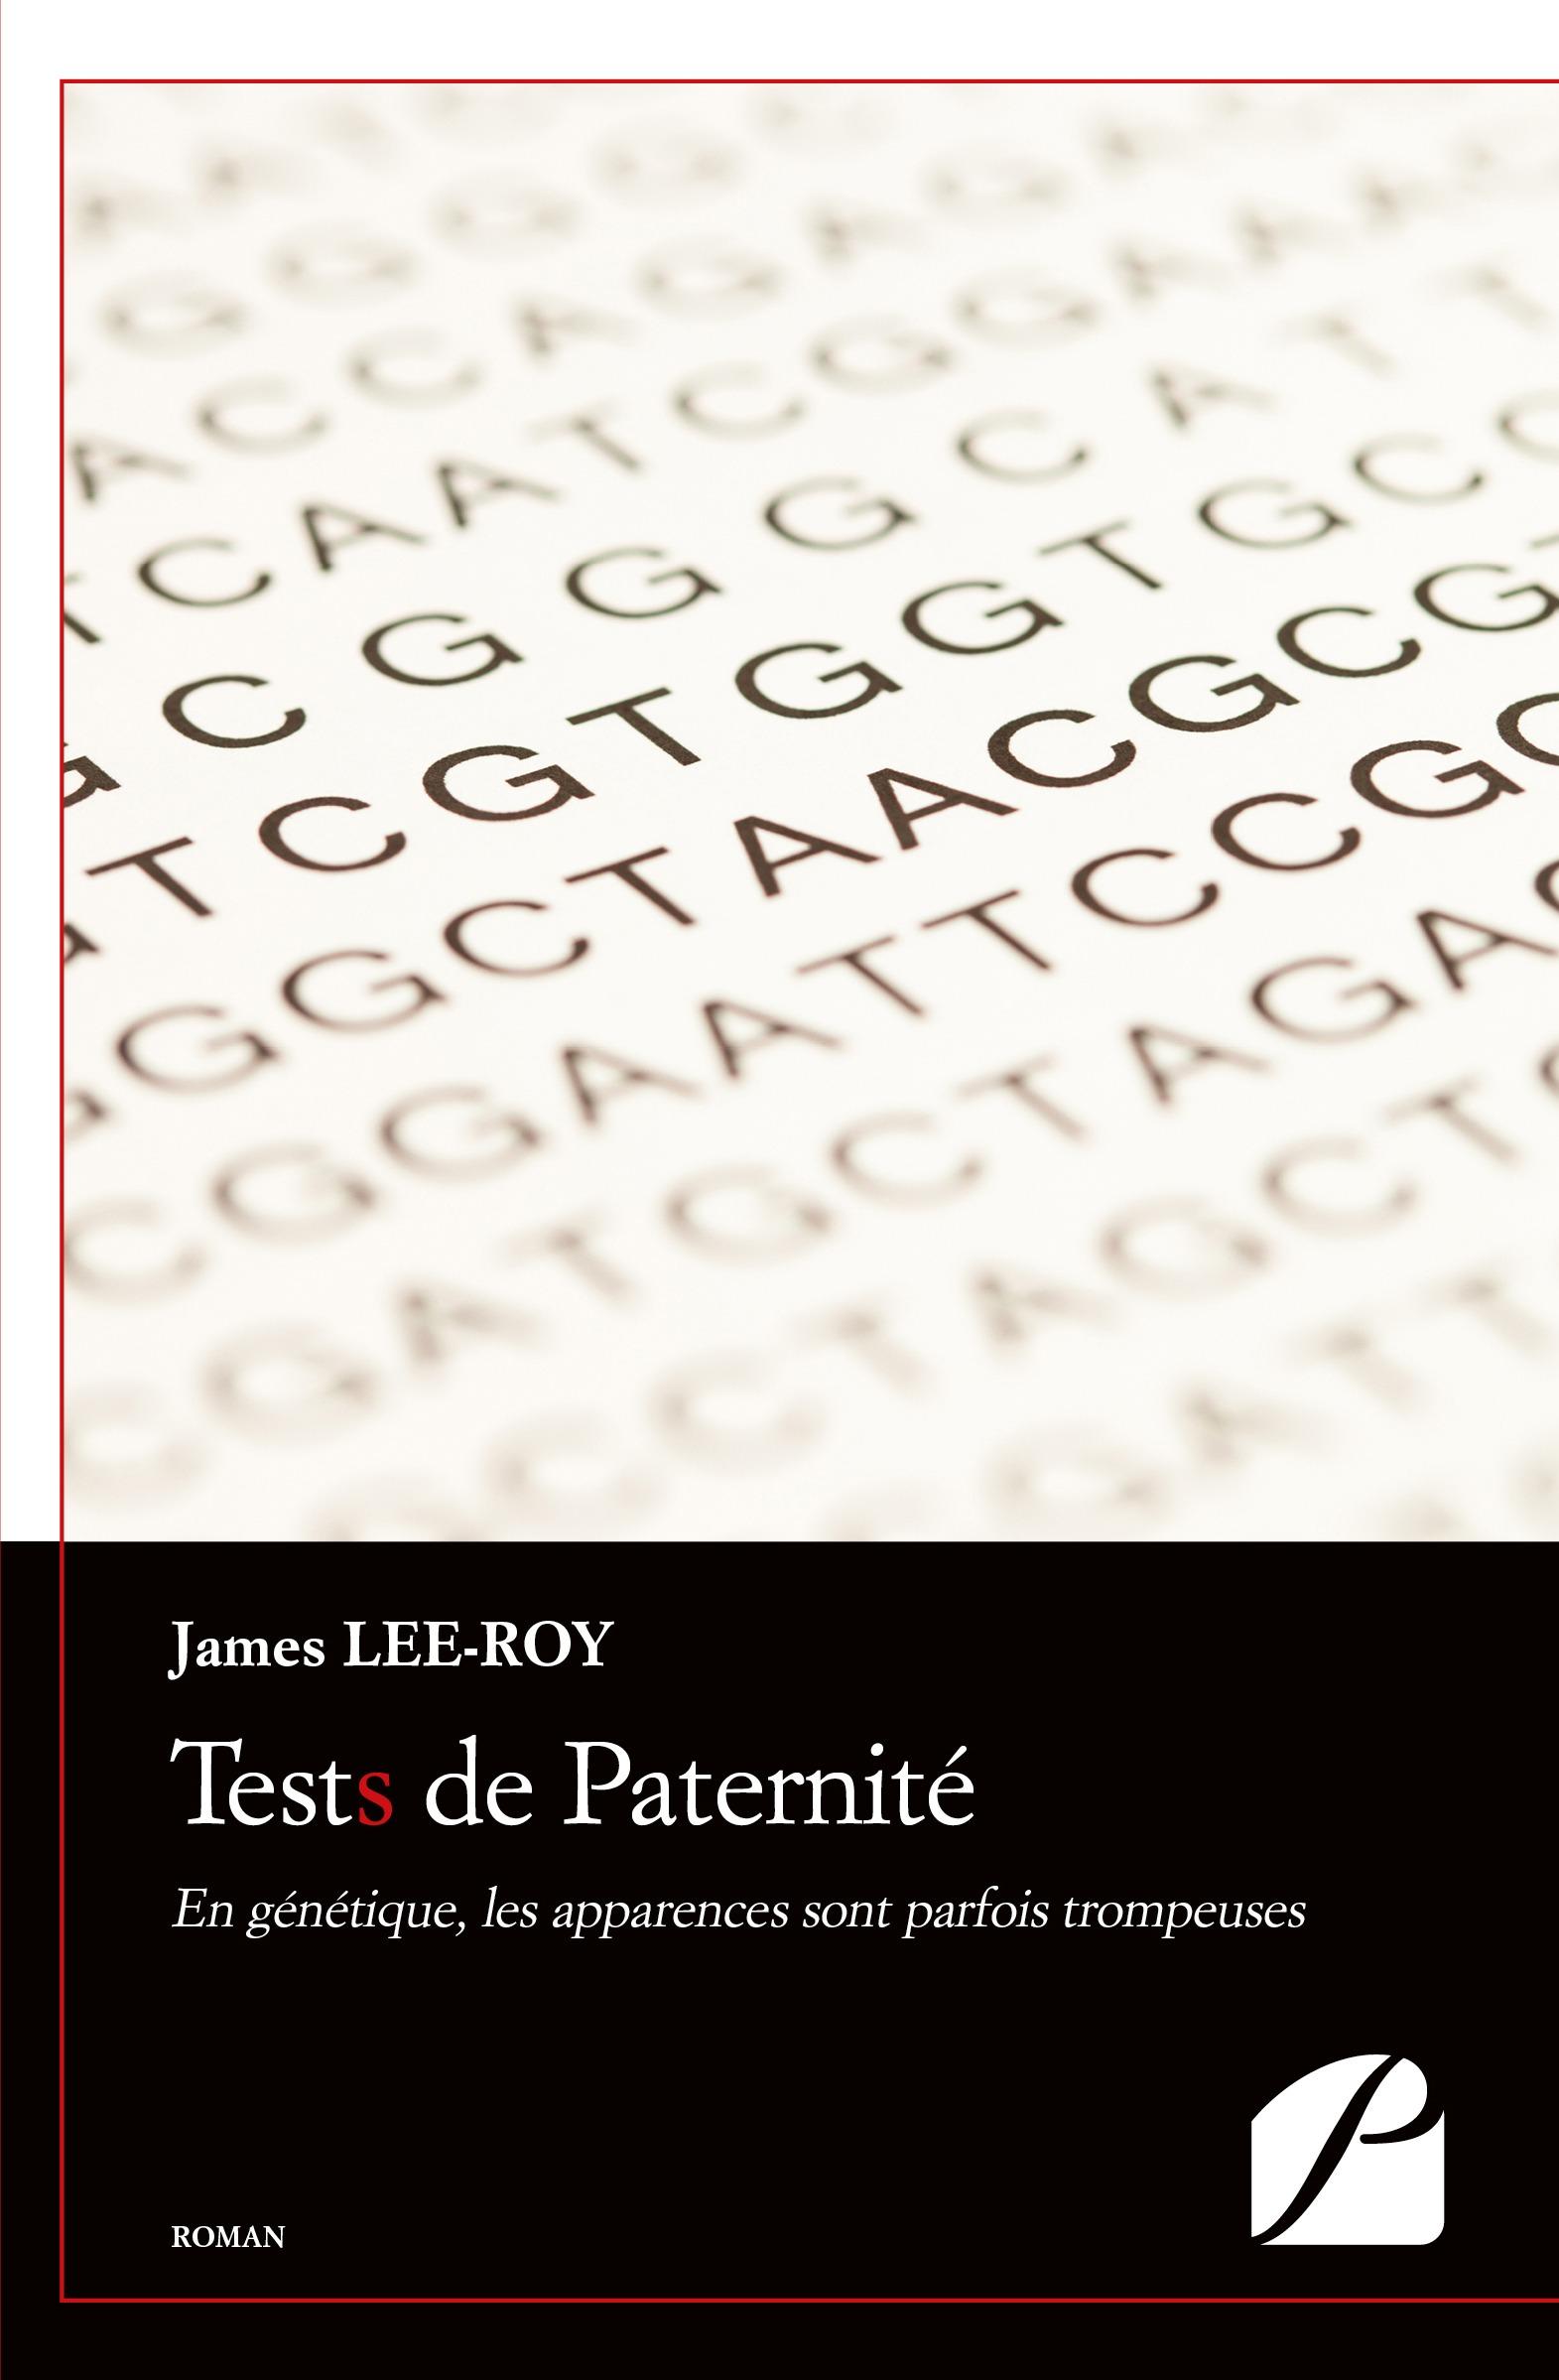 Tests de Paternité, EN GÉNÉTIQUE, LES APPARENCES SONT PARFOIS TROMPEUSES